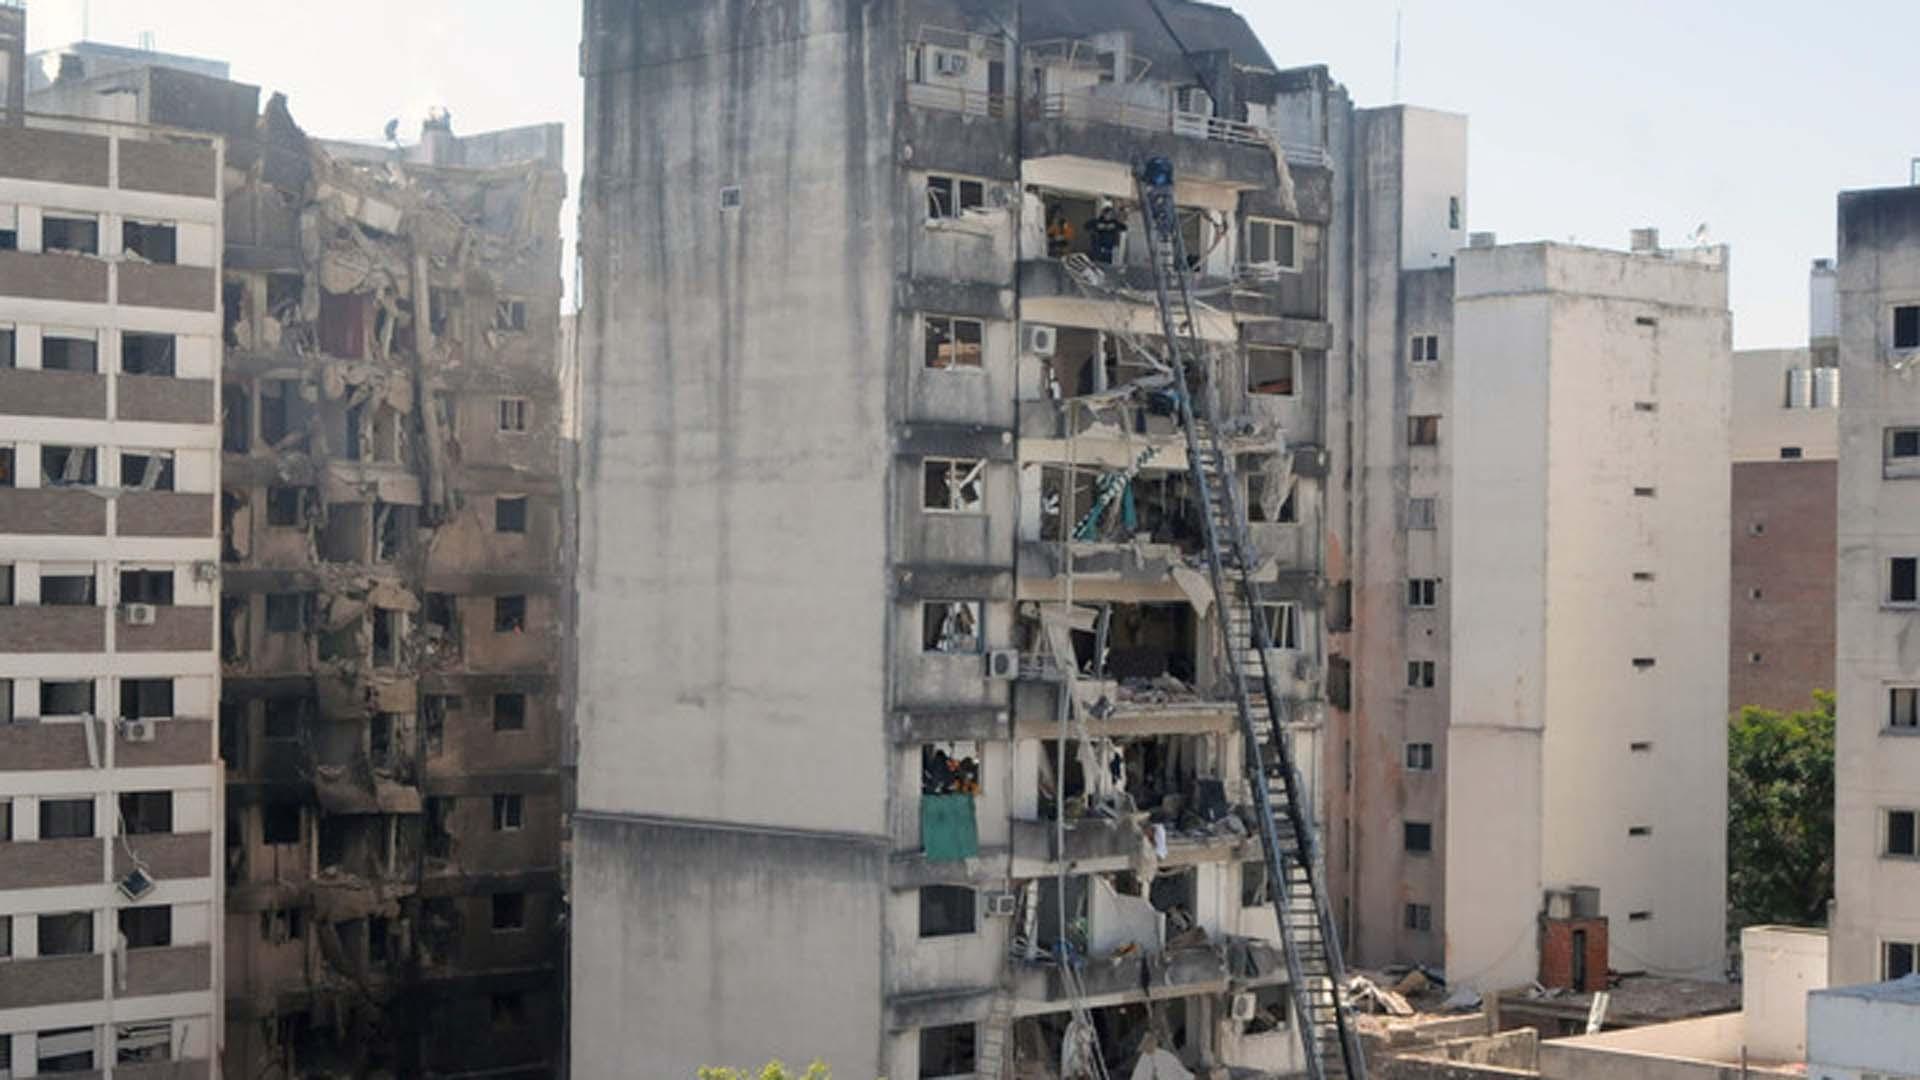 Las consecuencias de la explosión (foto Télam)